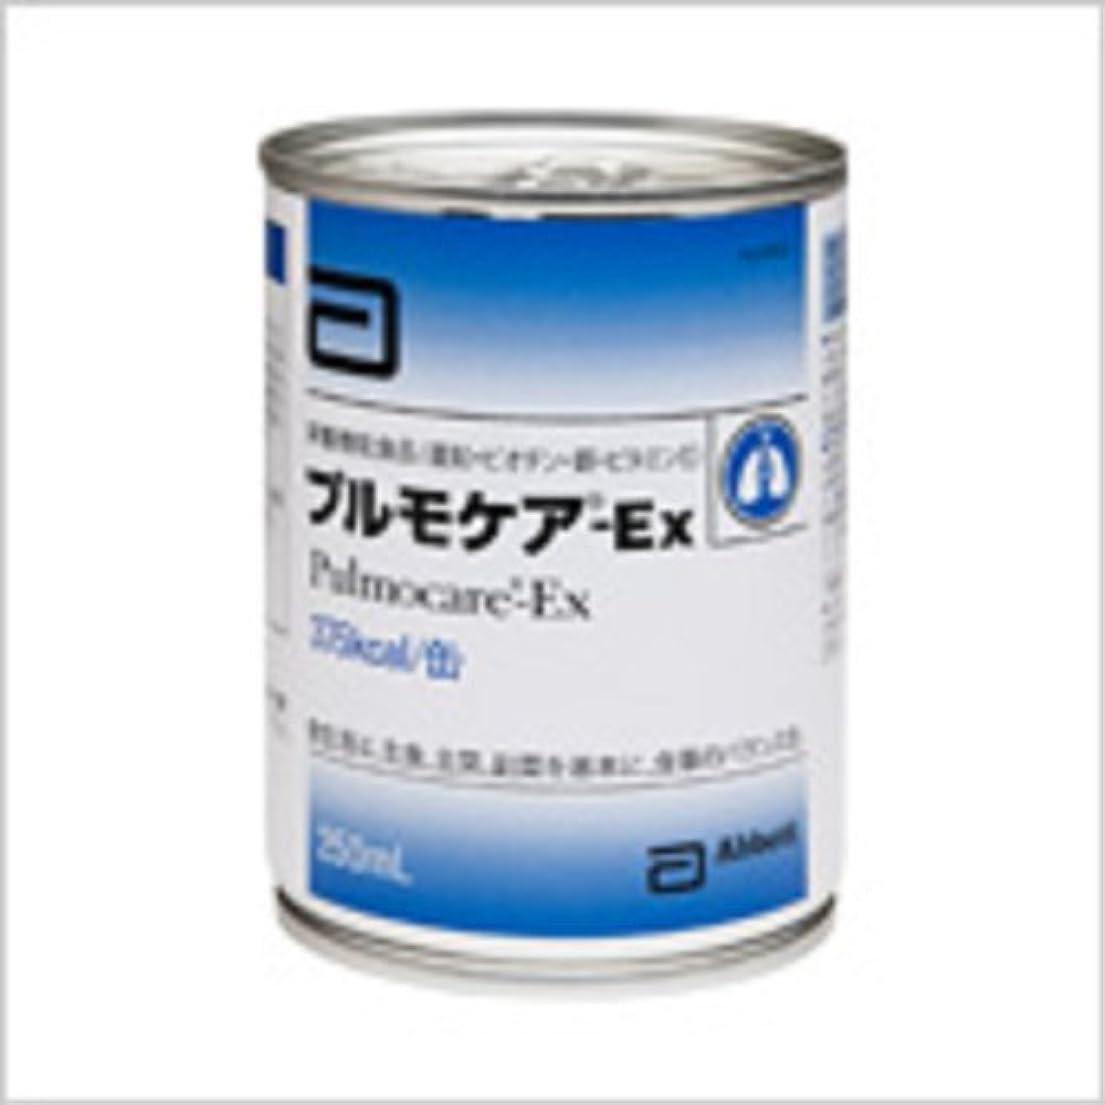 親愛なカウンタ財布プルモケア-EX 250ml×24缶